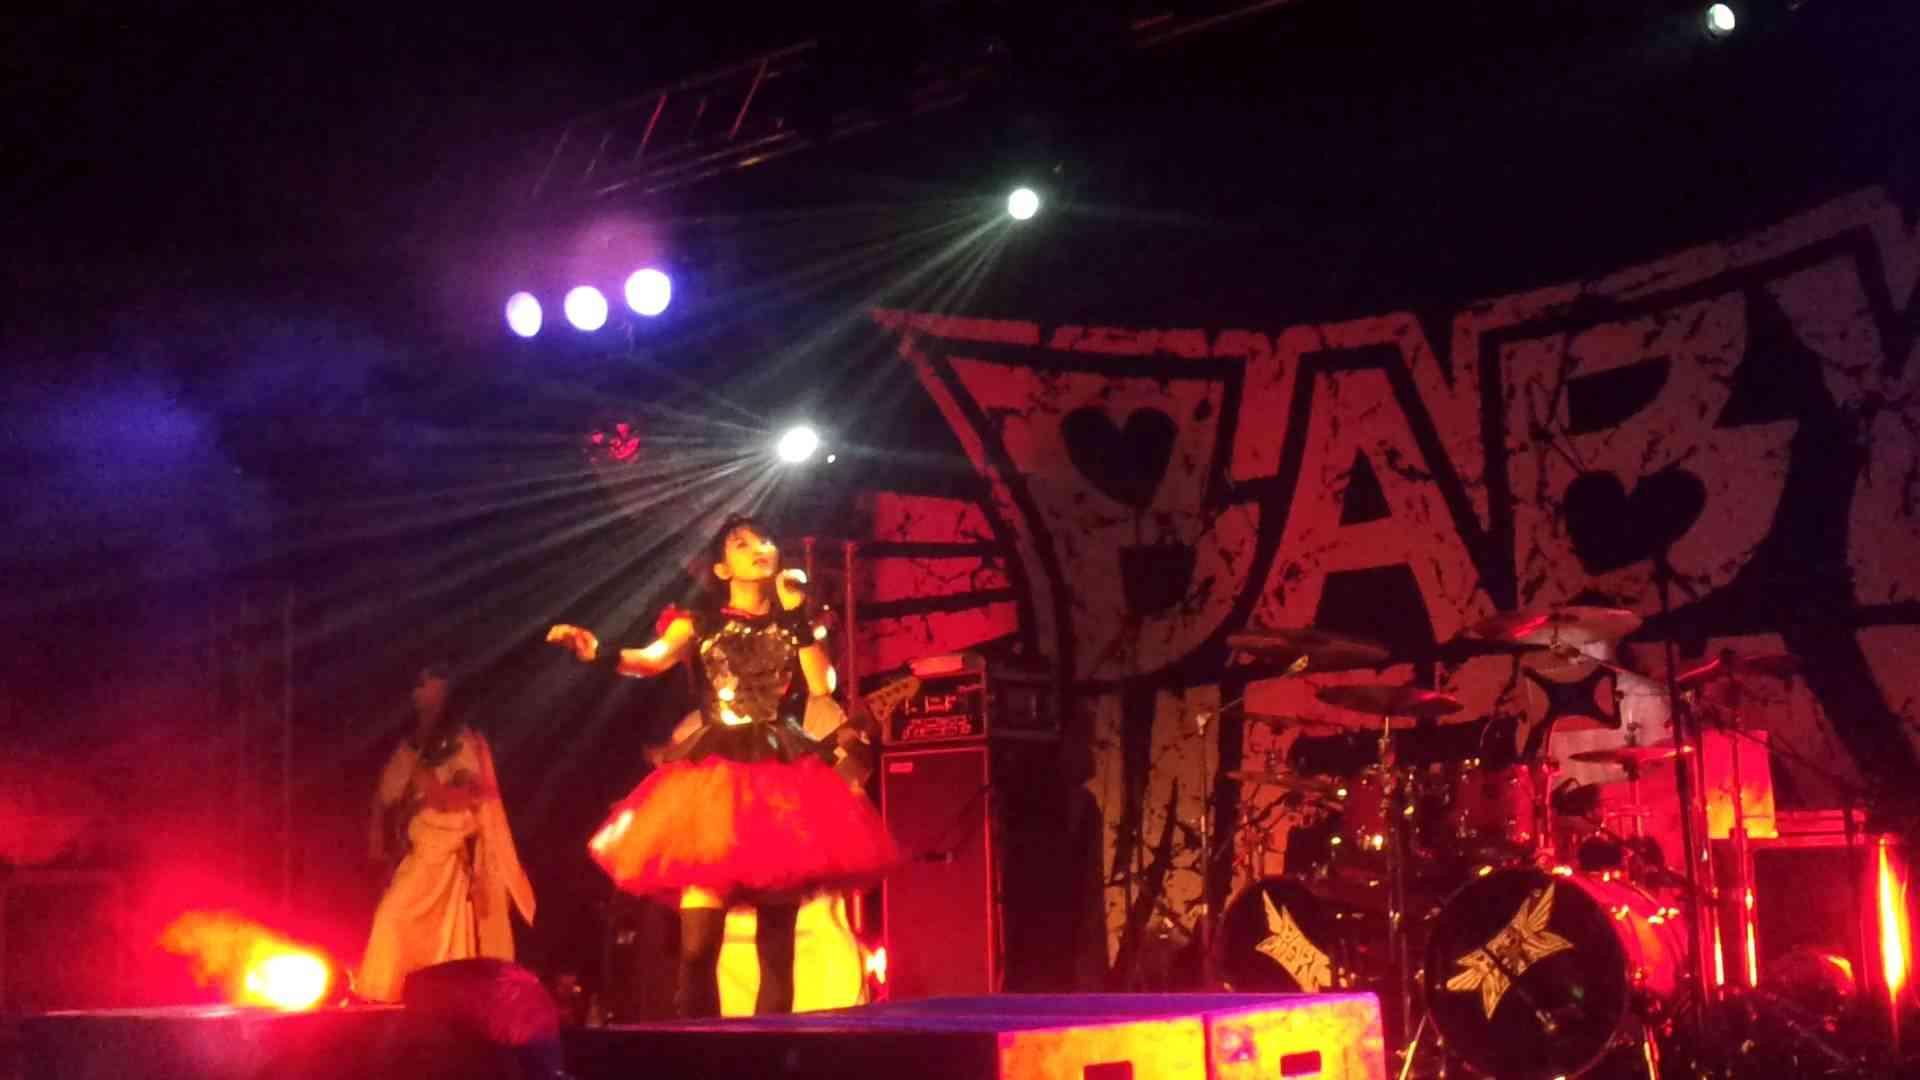 BABYMETAL - (悪夢の輪舞曲) Akumu no Rondo - 3-7-2014 LIVE - YouTube